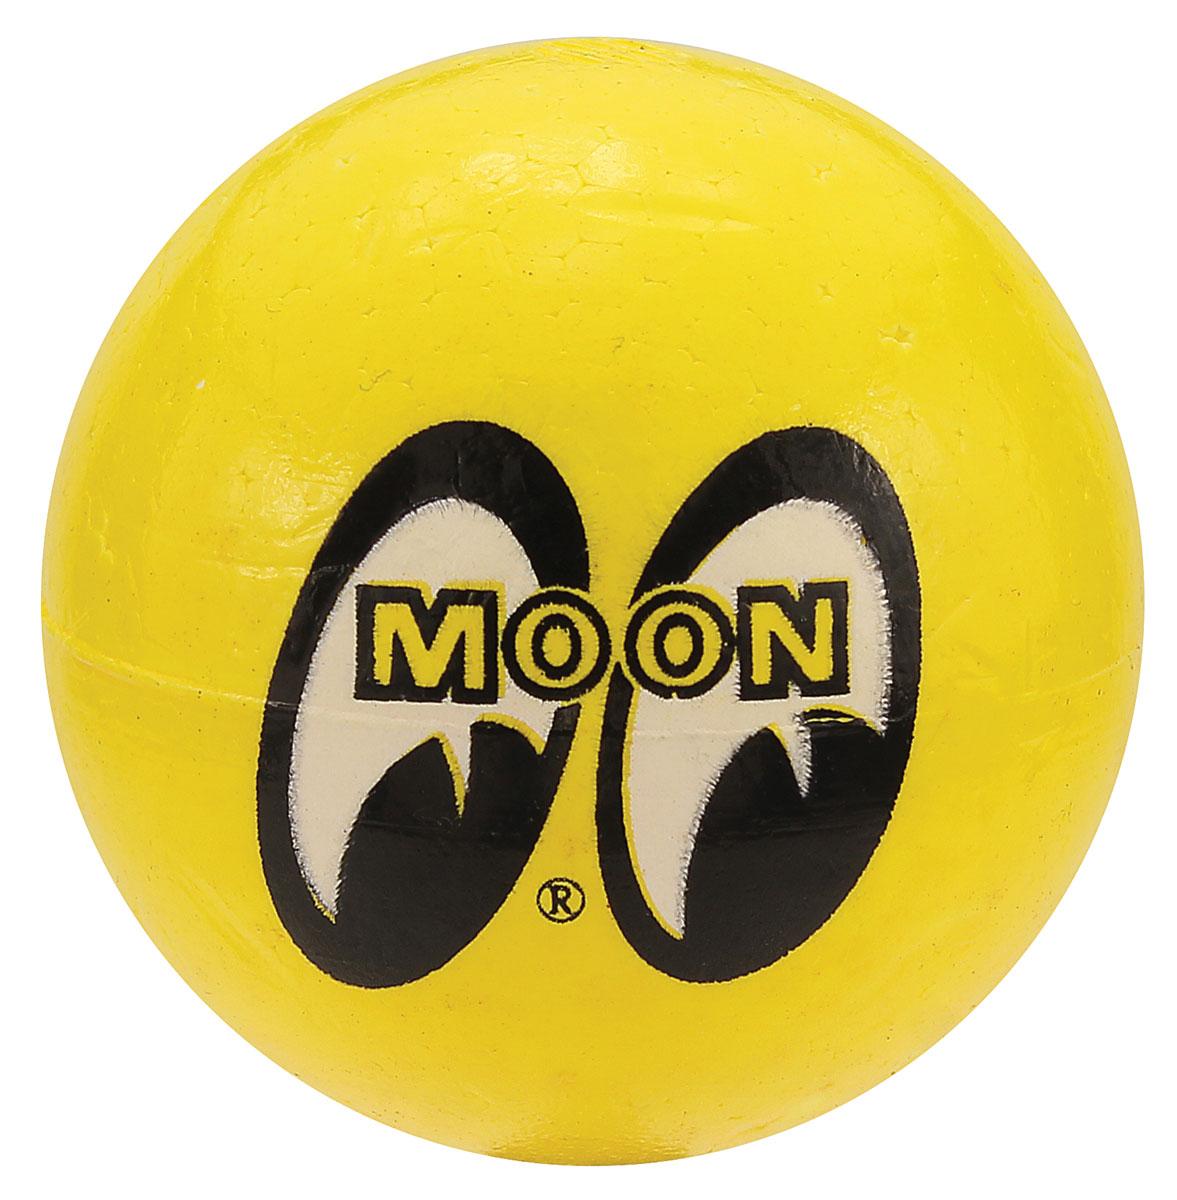 Photo of Moon Novelty Items Moon antenna ball